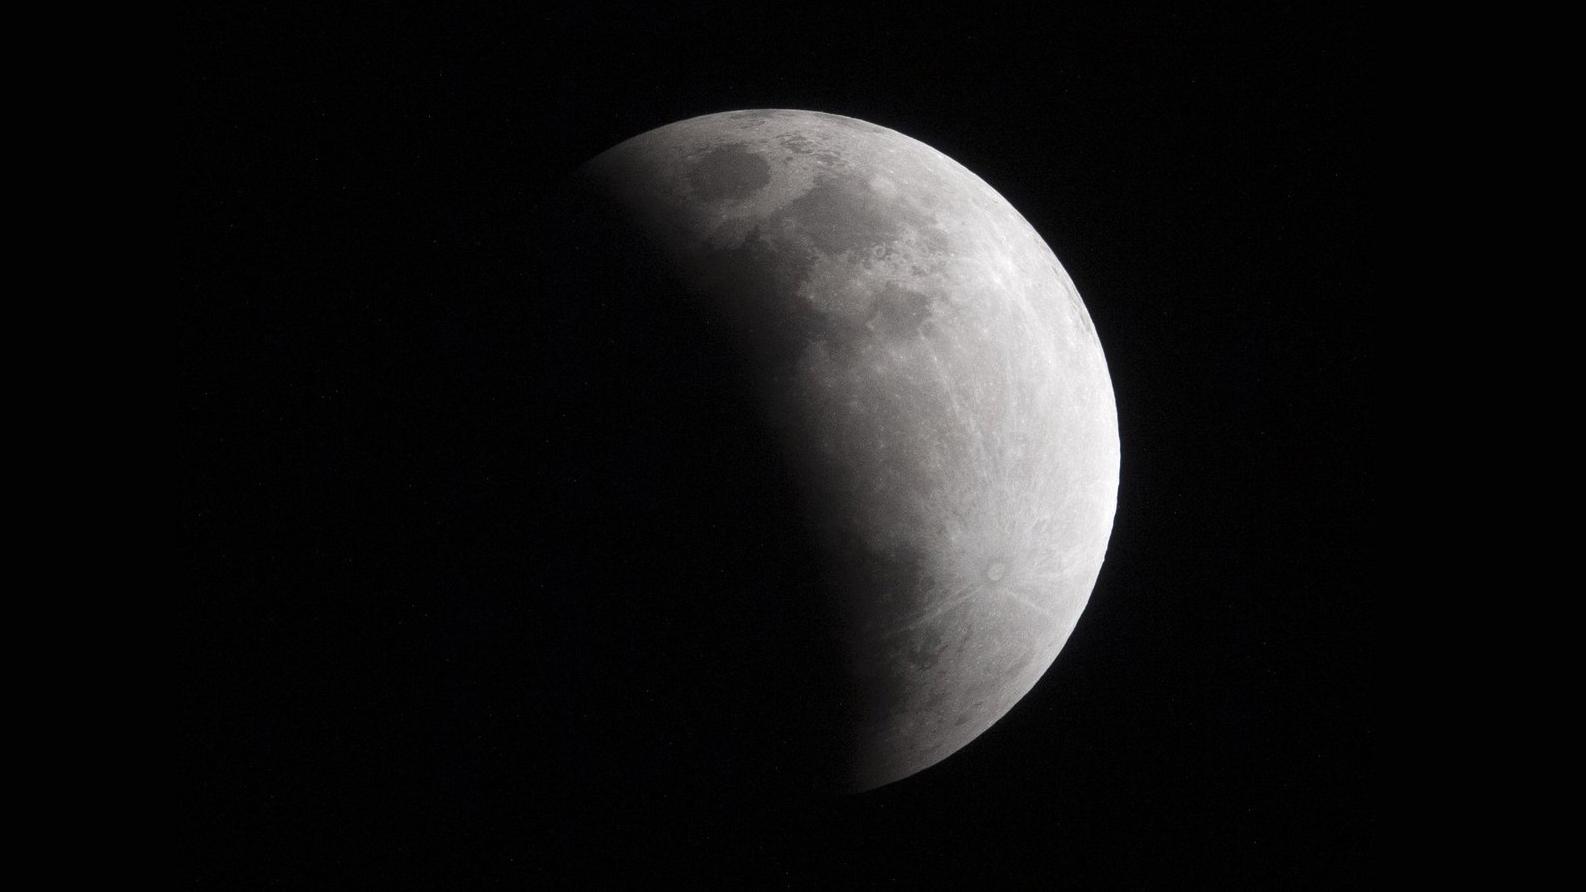 L'astronaute de la NASA Christina Koch a capturé cette photo de l'éclipse lunaire partielle des 16 et 17 juillet 2019 depuis la Station spatiale internationale.